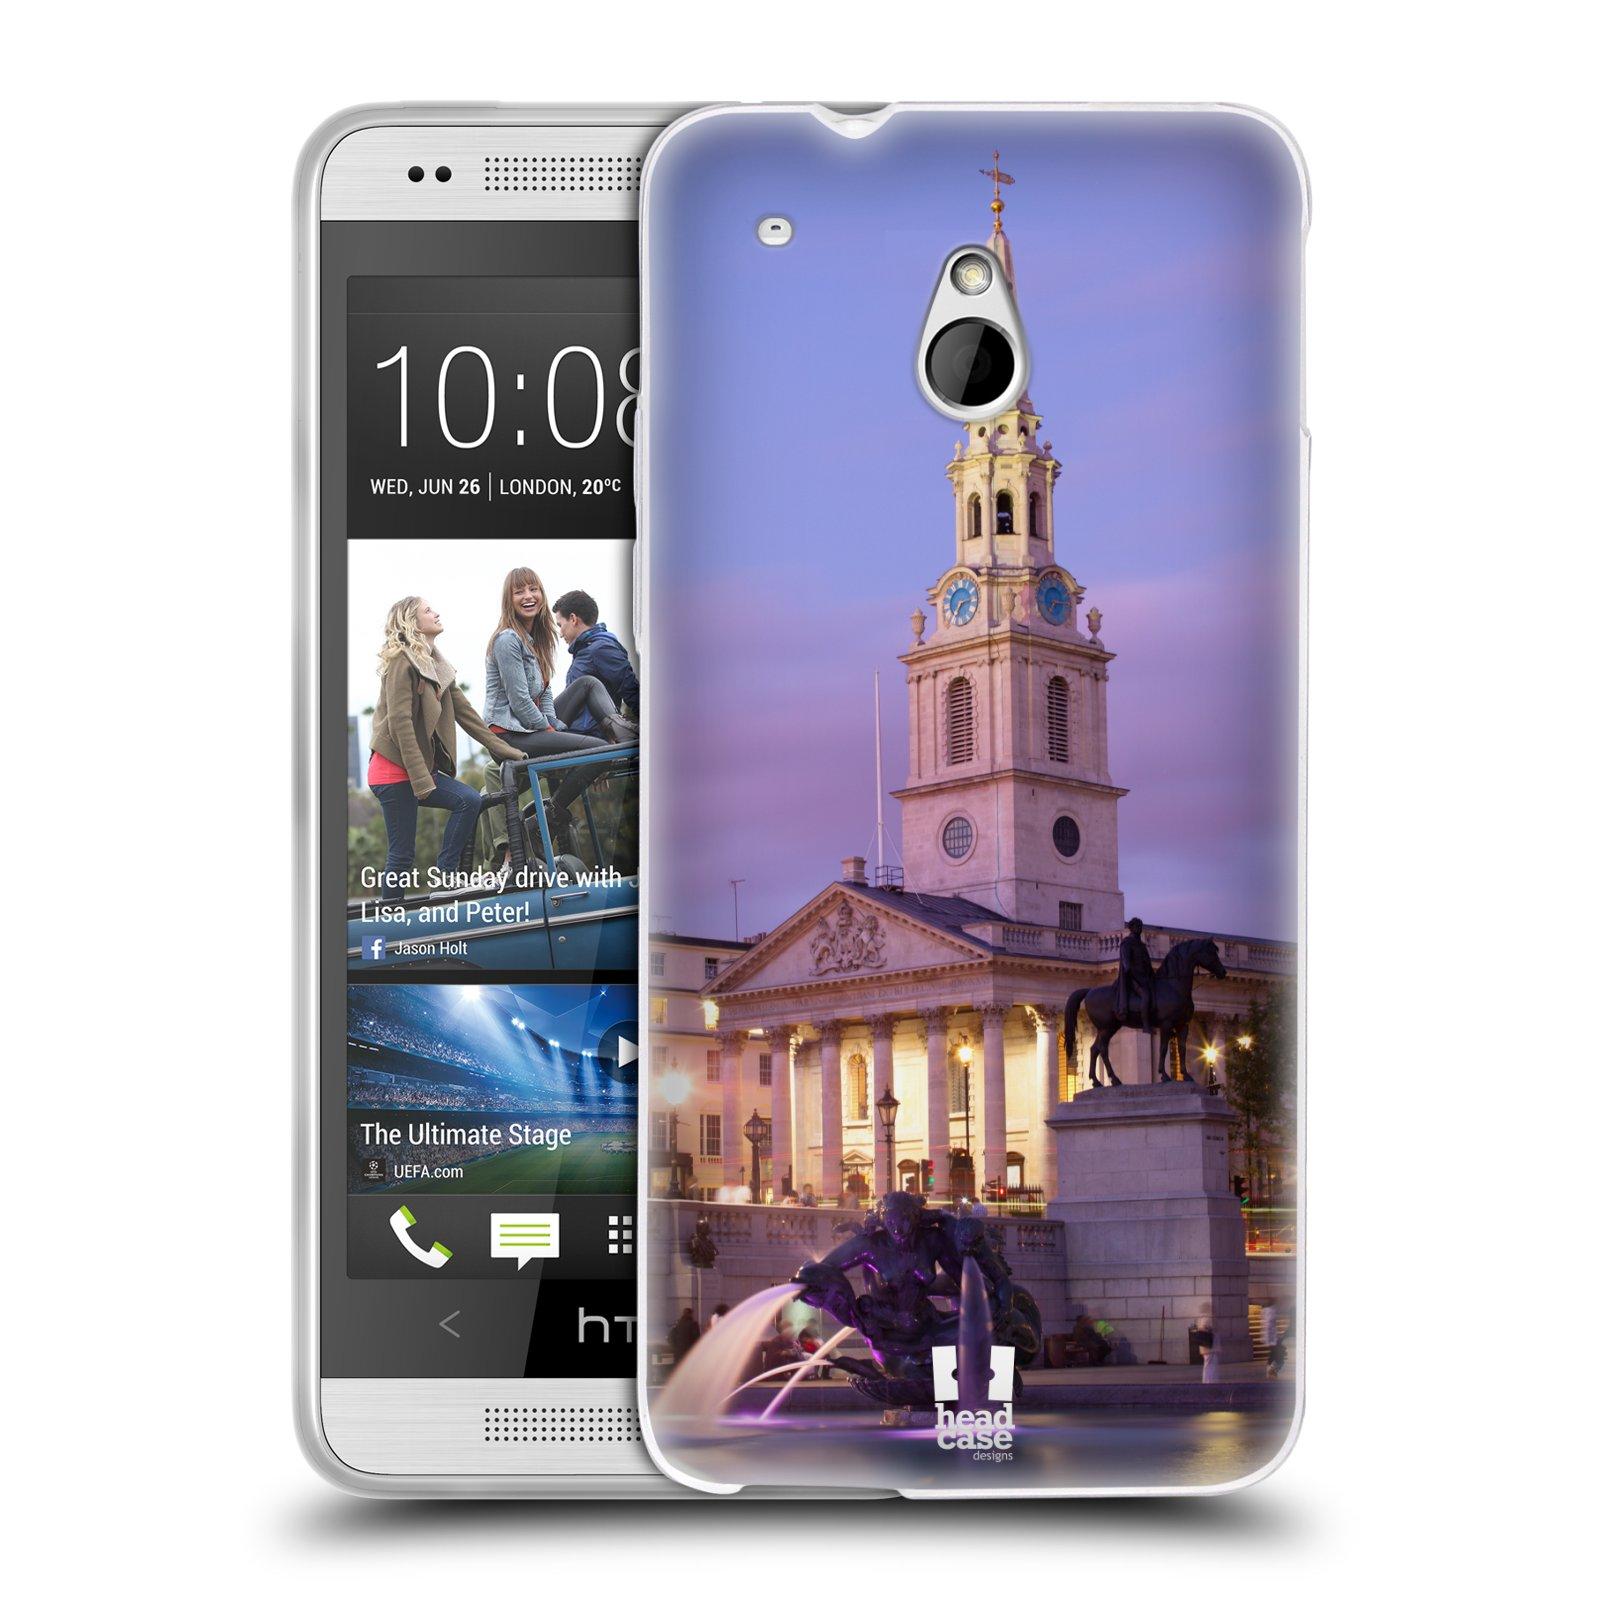 HEAD CASE silikonový obal na mobil HTC ONE MINI (M4) vzor Města foto náměstí ANGLIE, LONDÝN, TRAFALGAR VĚŽ HODINY